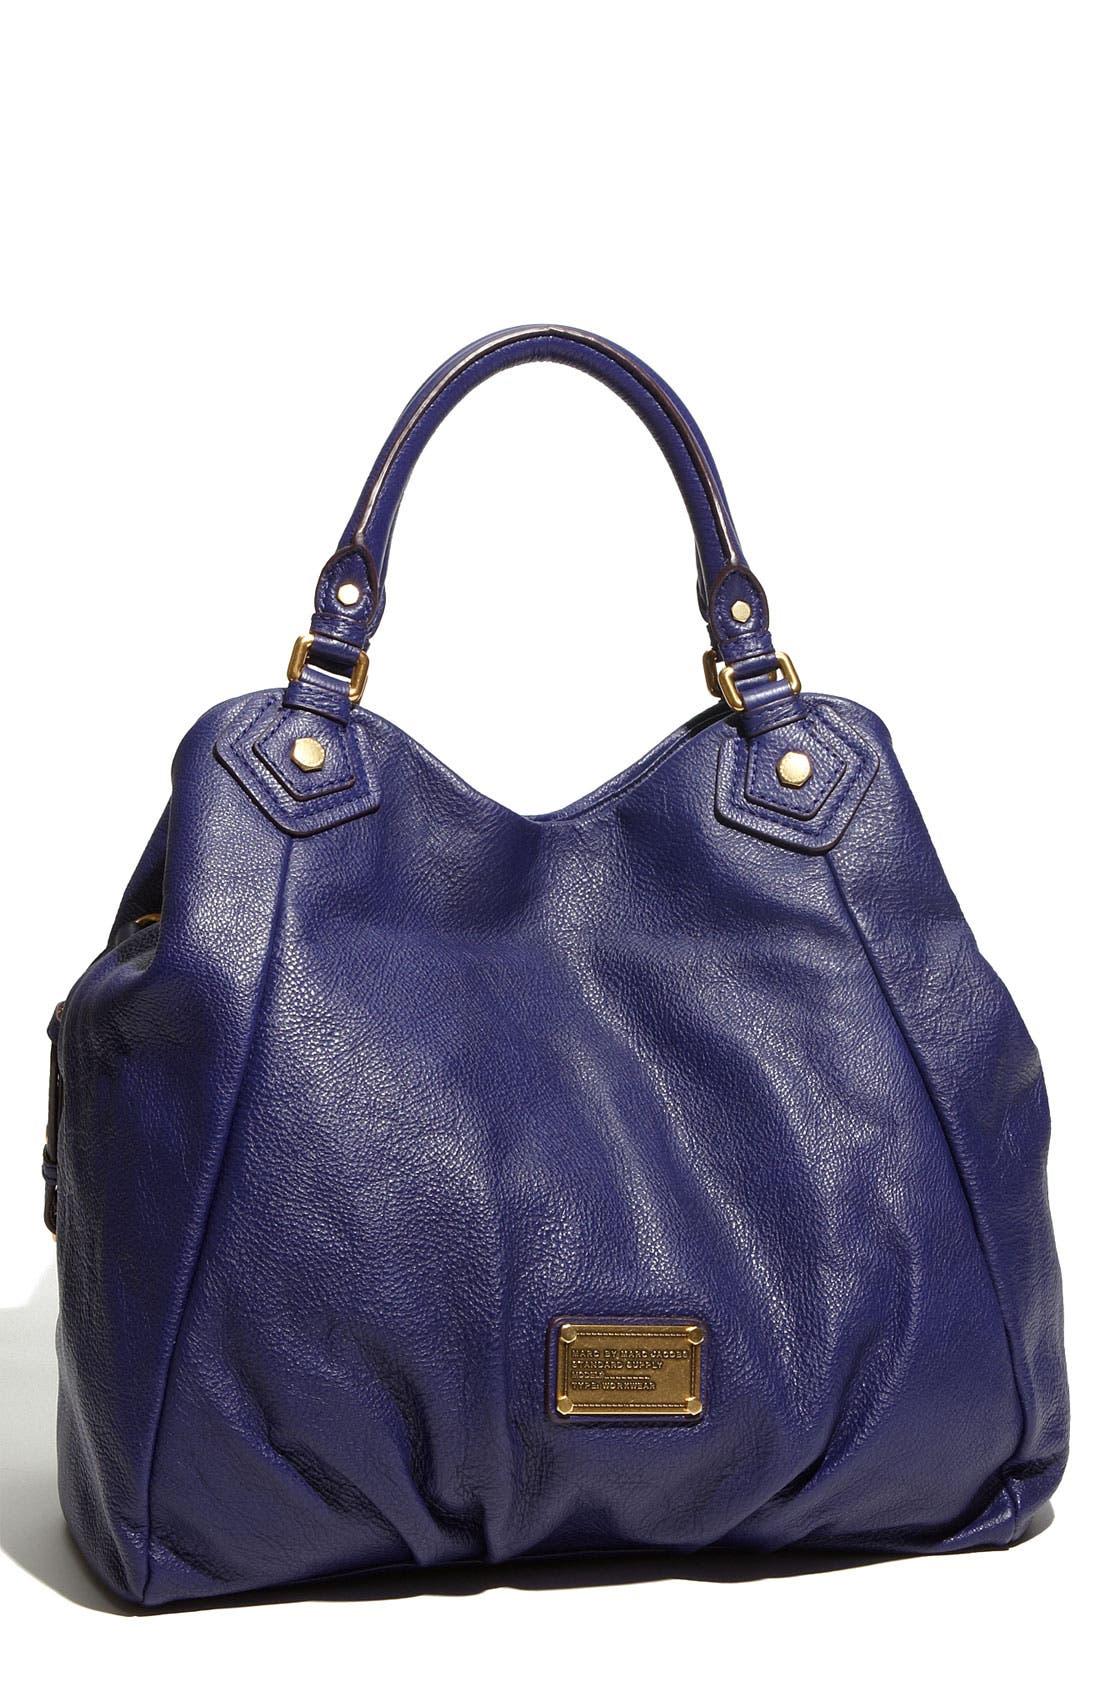 Main Image - MARC BY MARC JACOBS 'Classic Q - Francesca' Leather Shopper